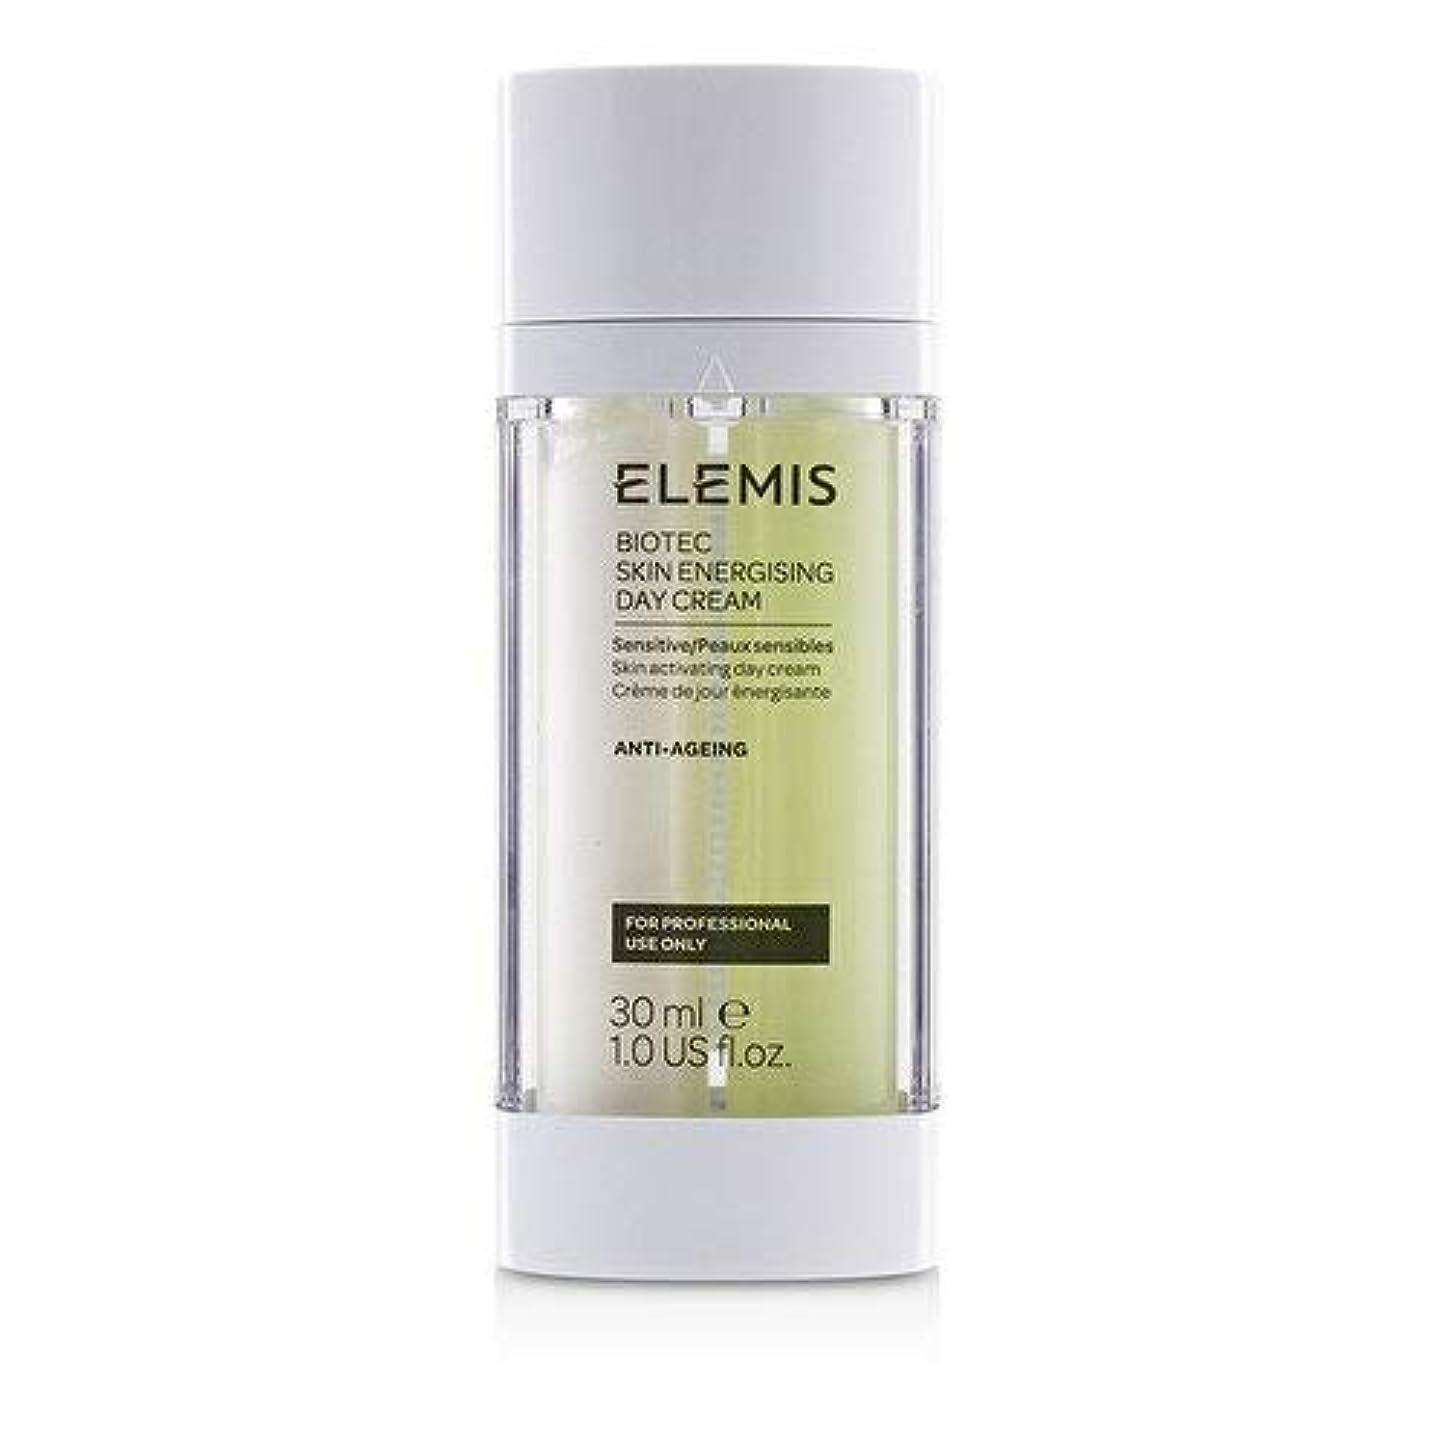 レンドバケット松明エレミス BIOTEC Skin Energising Day Cream - Sensitive (Salon Product) 30ml/1oz並行輸入品